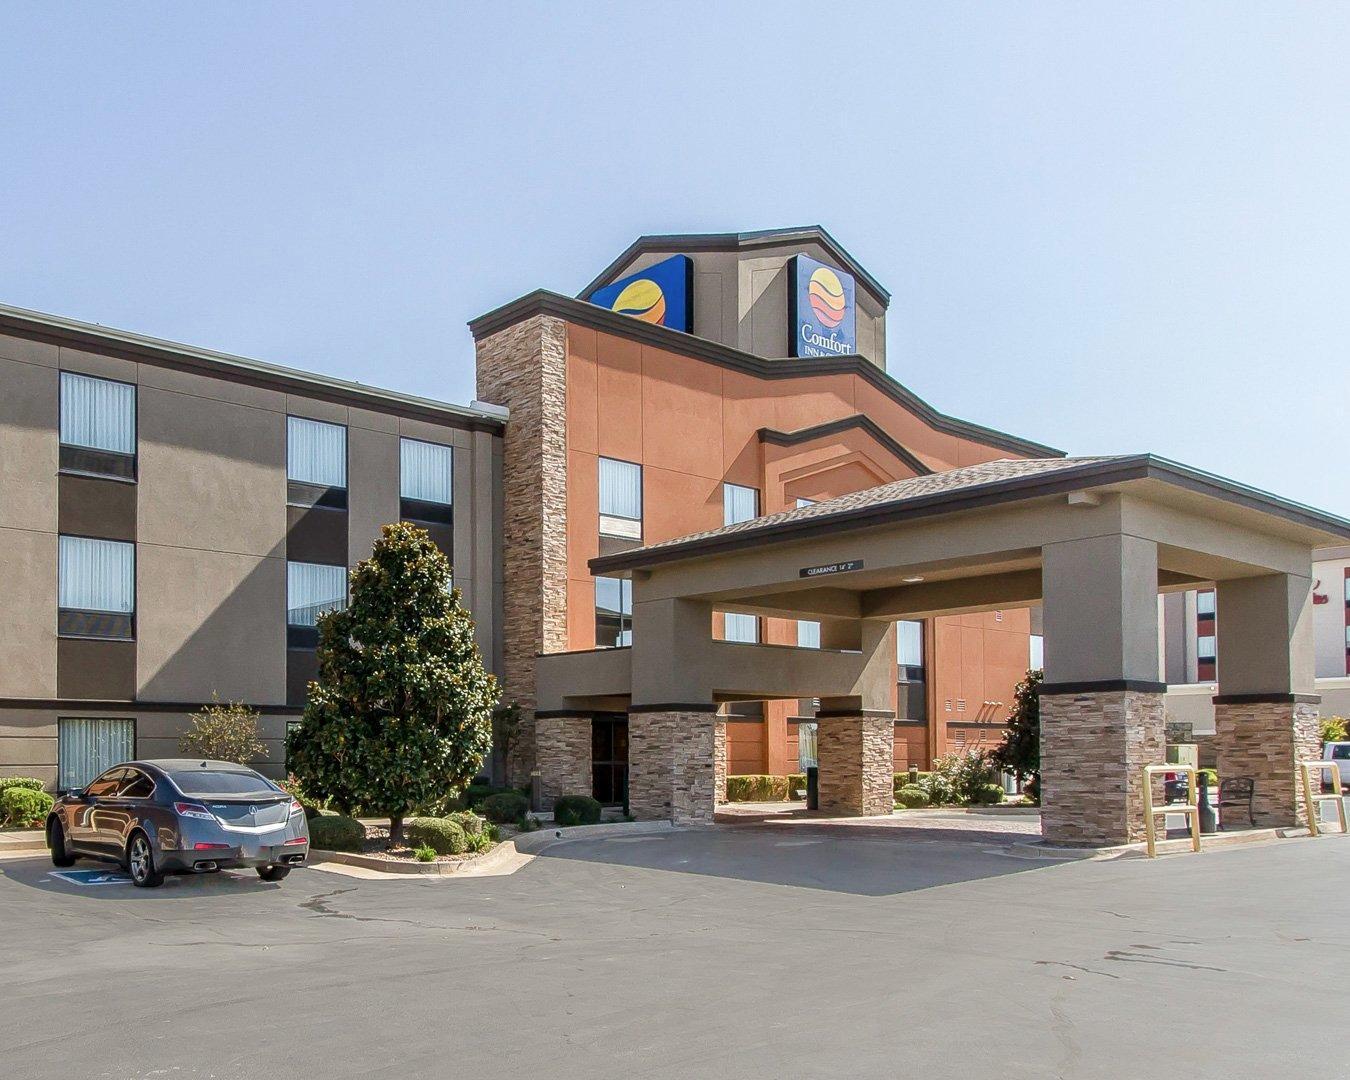 Comfort Inn & Suites, Pauls Valley OK